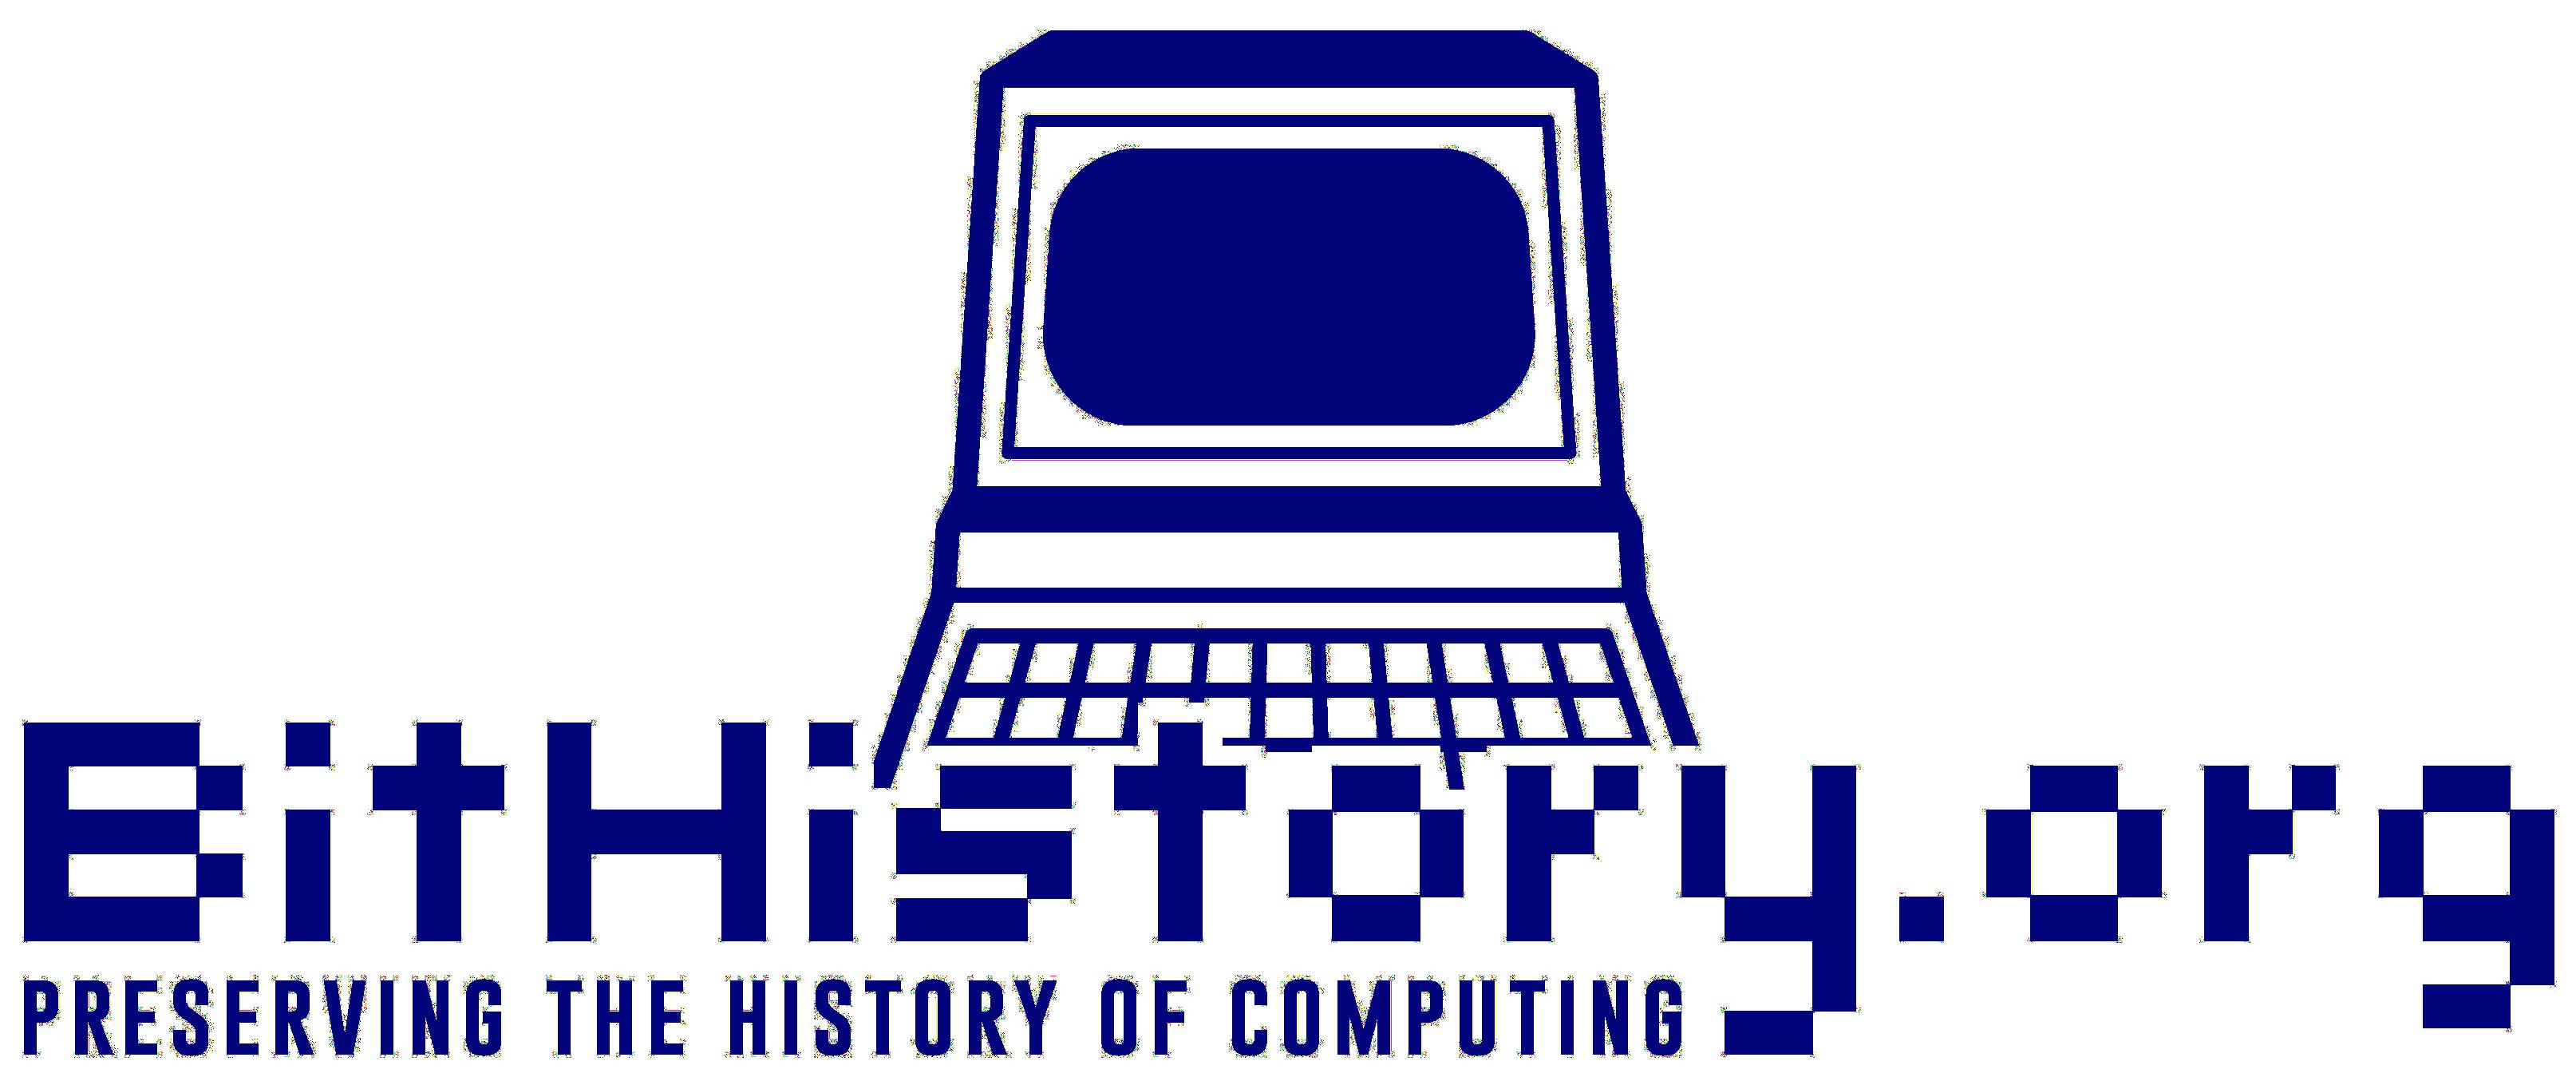 BitHistory.org